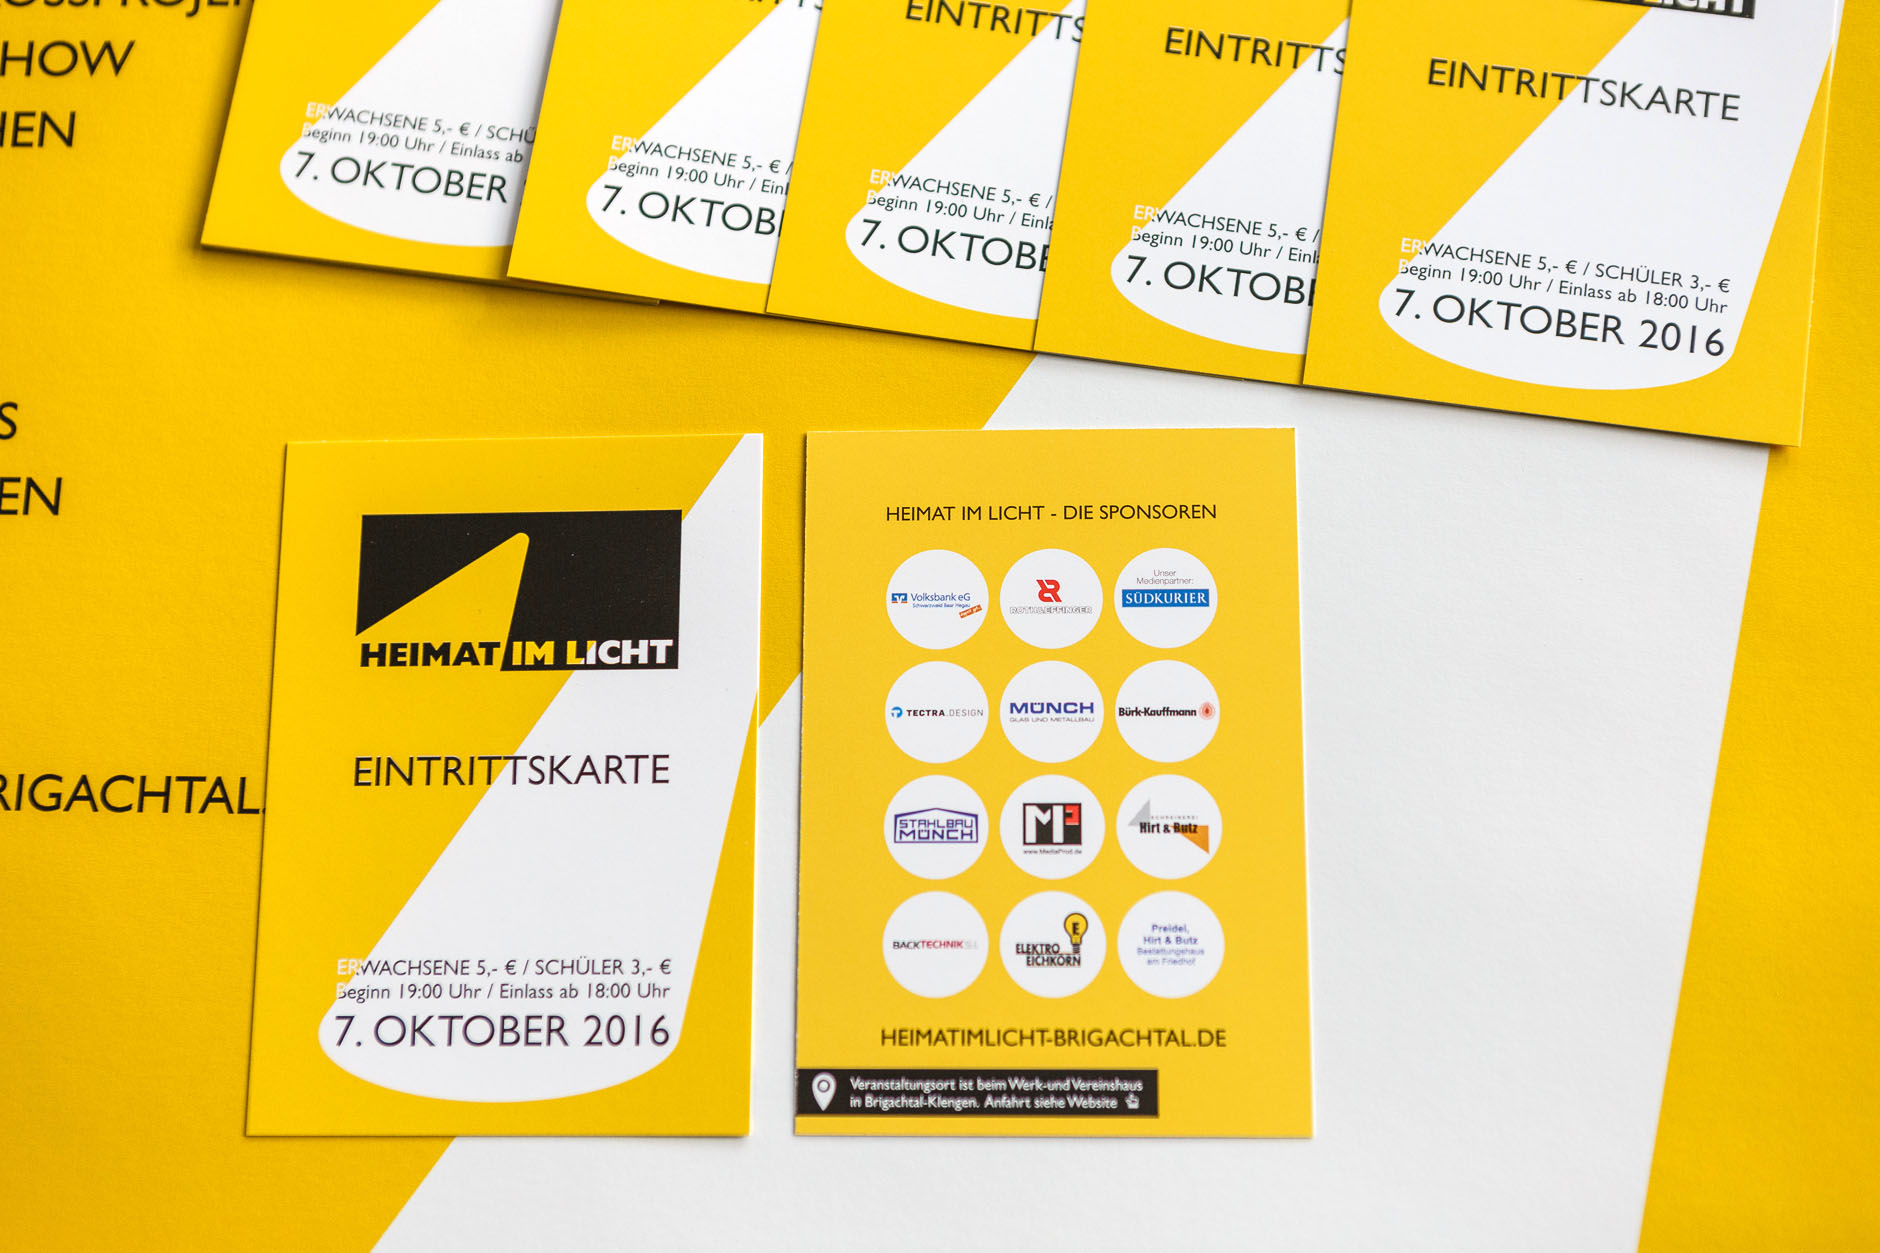 Heimat Im Licht Brigachtal Eintrittskarten-HEIMAT IM LICHT Logodesign Webdesign Printdesign